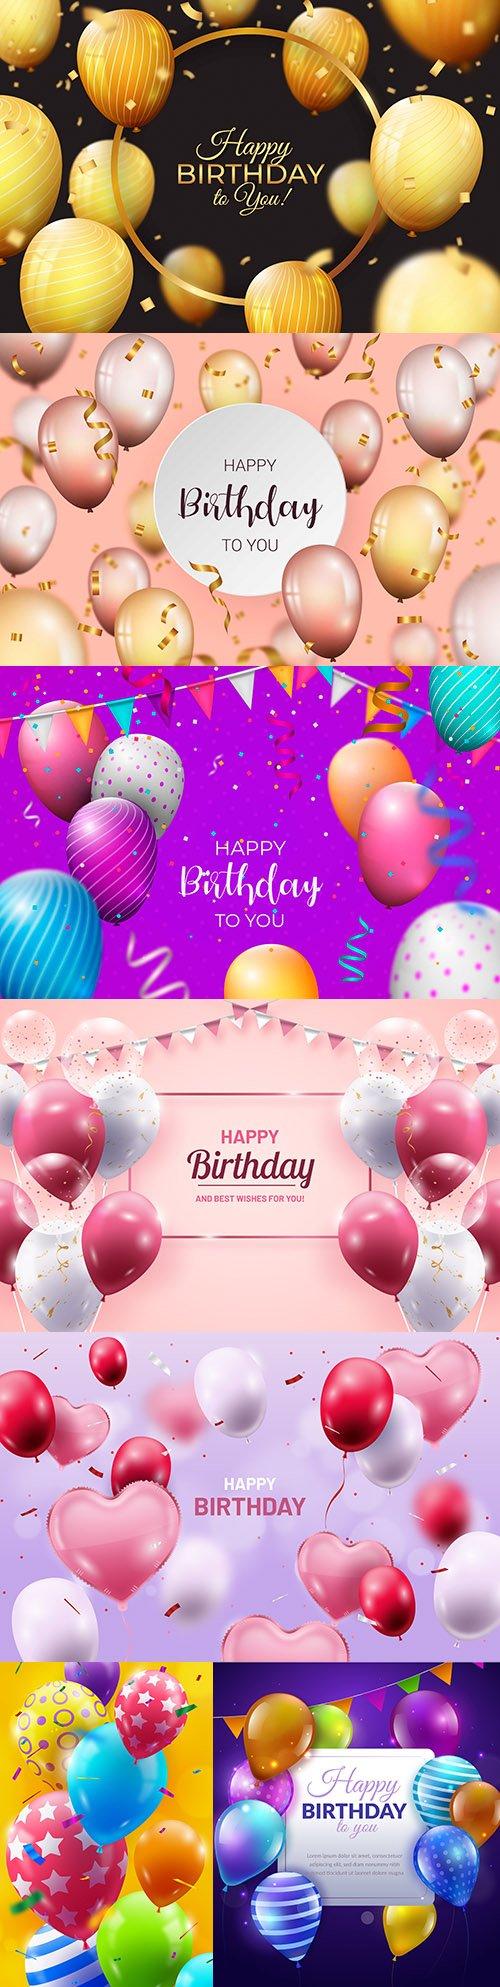 Happy birthday holiday invitation realistic balloons 8